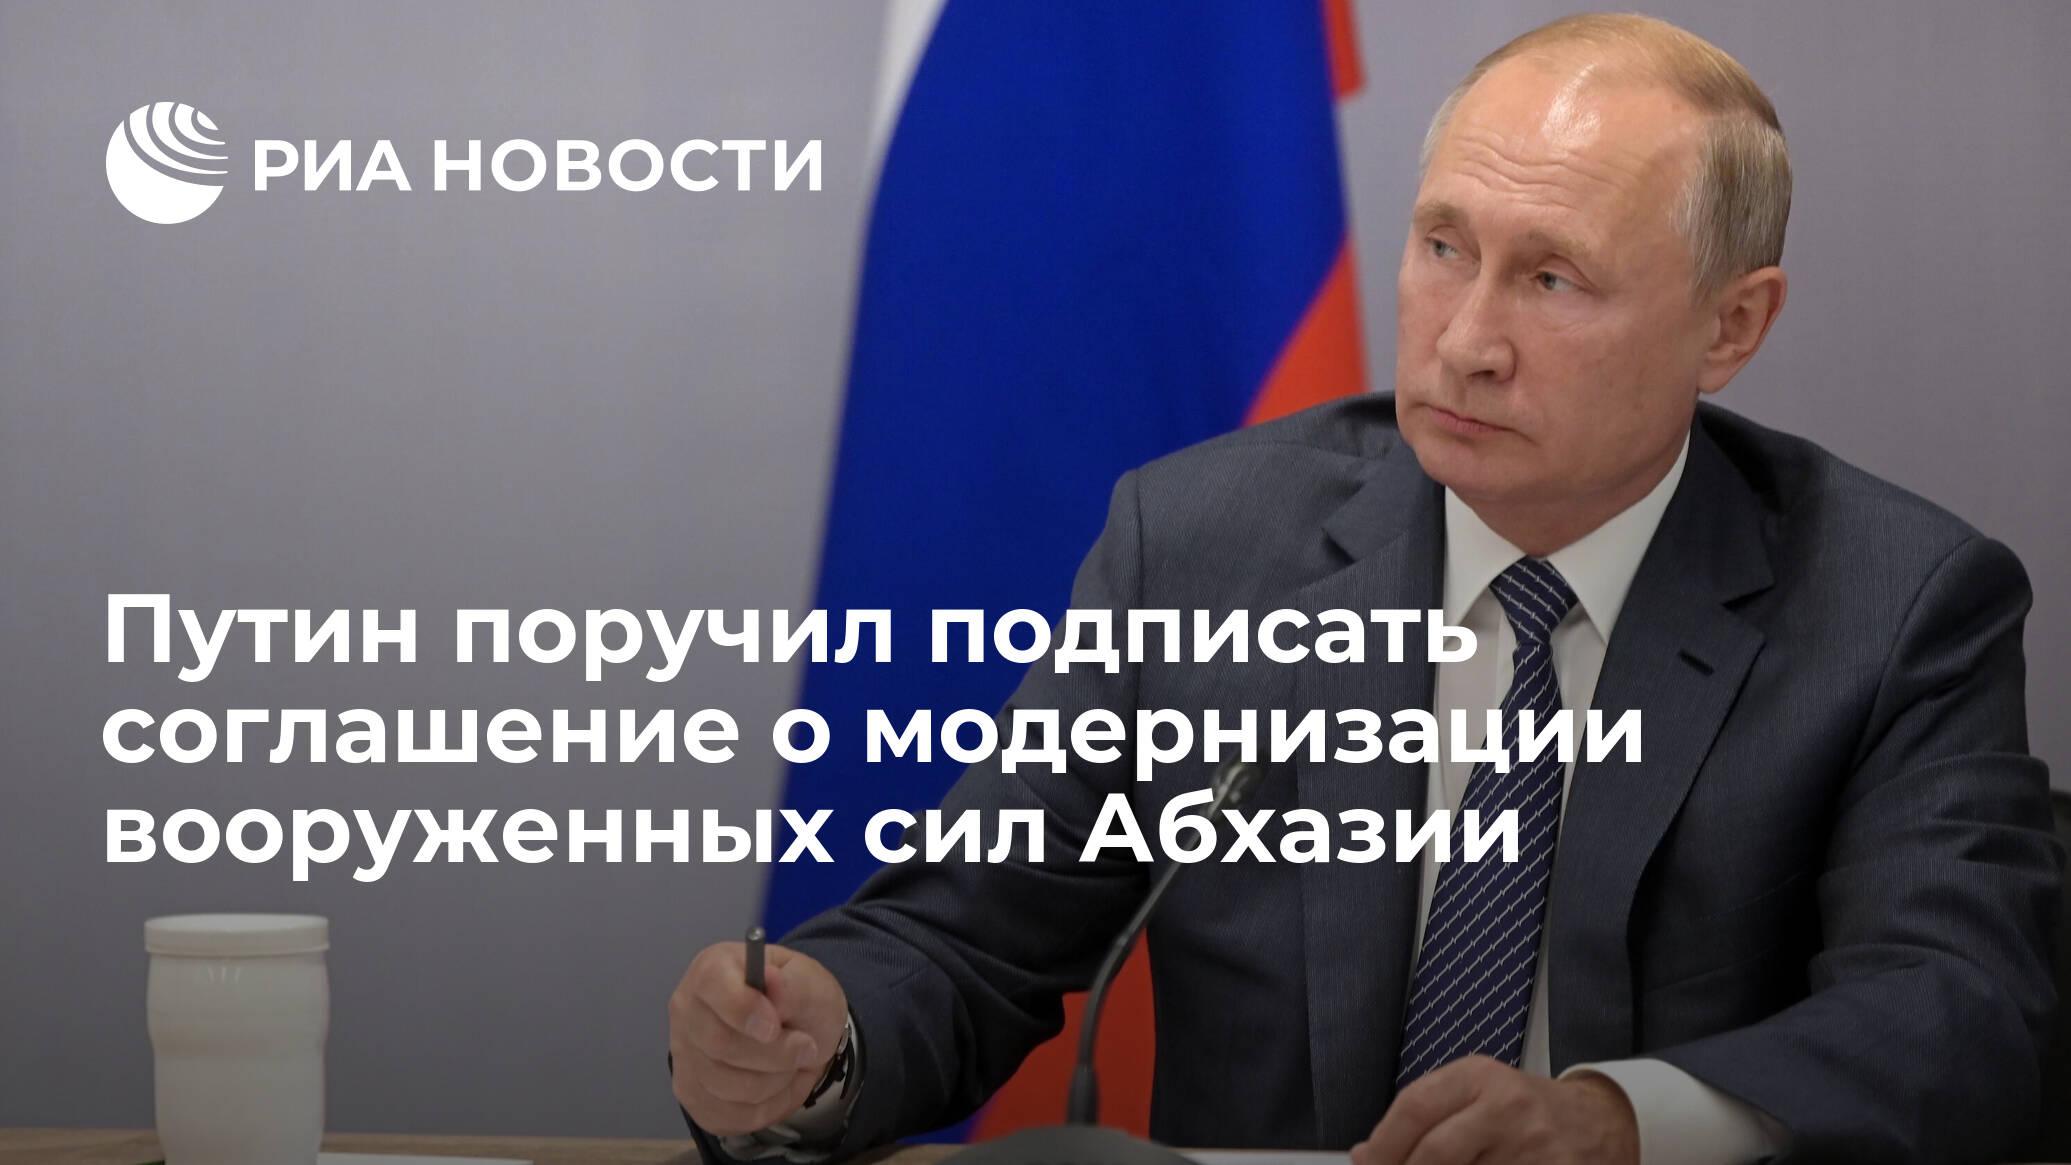 Путин поручил подписать соглашение о модернизации вооруженных сил Абхазии